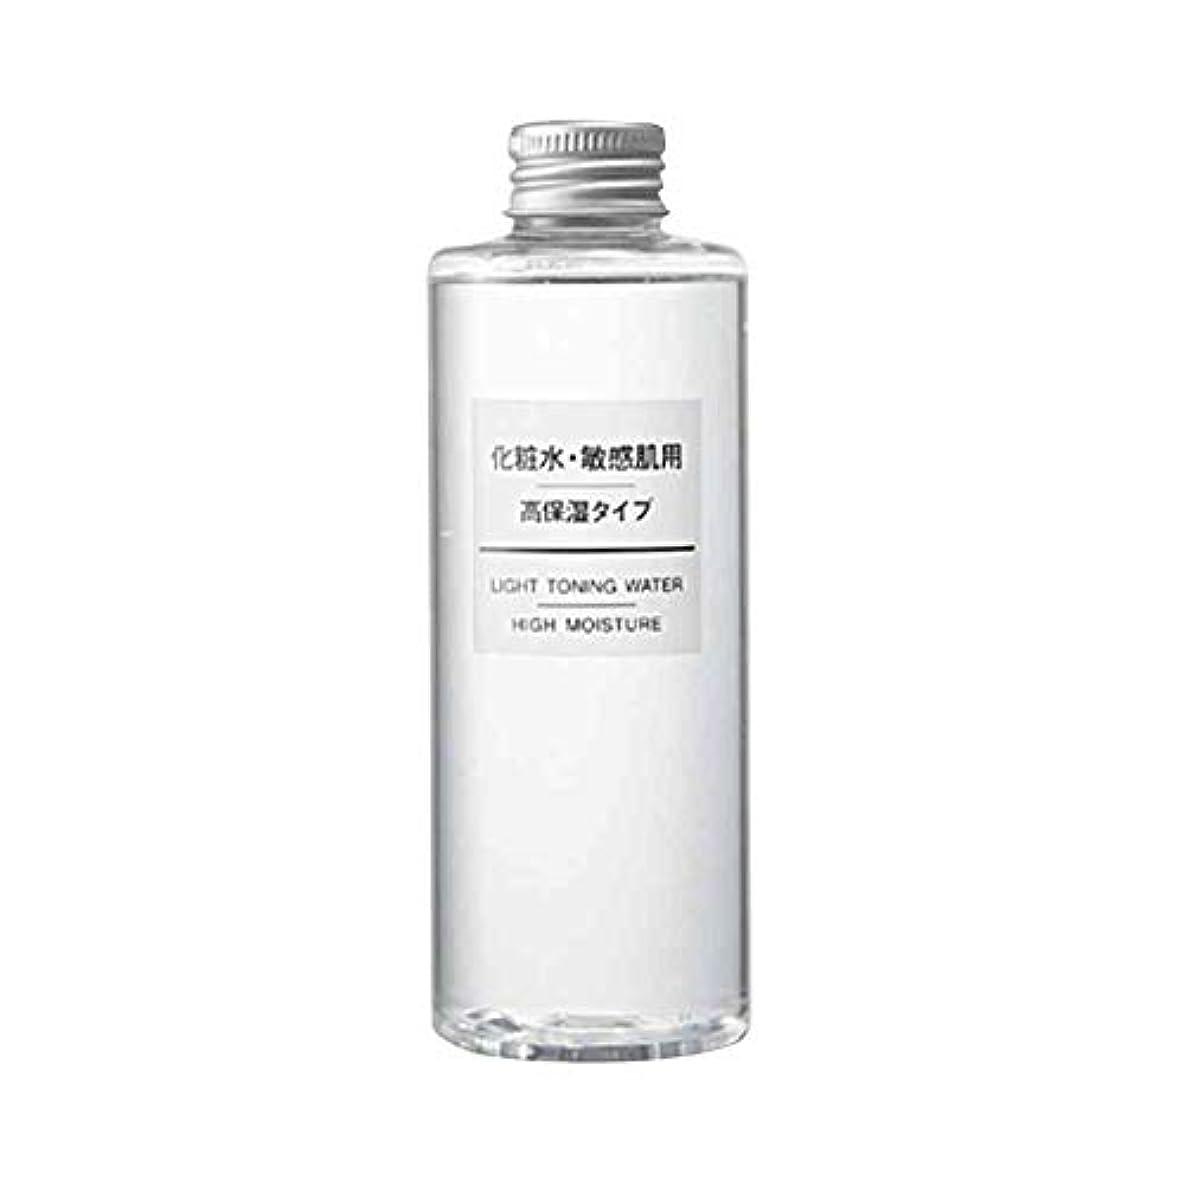 グレートライアスリート速報無印良品 化粧水?敏感肌用?高保湿タイプ 200ml